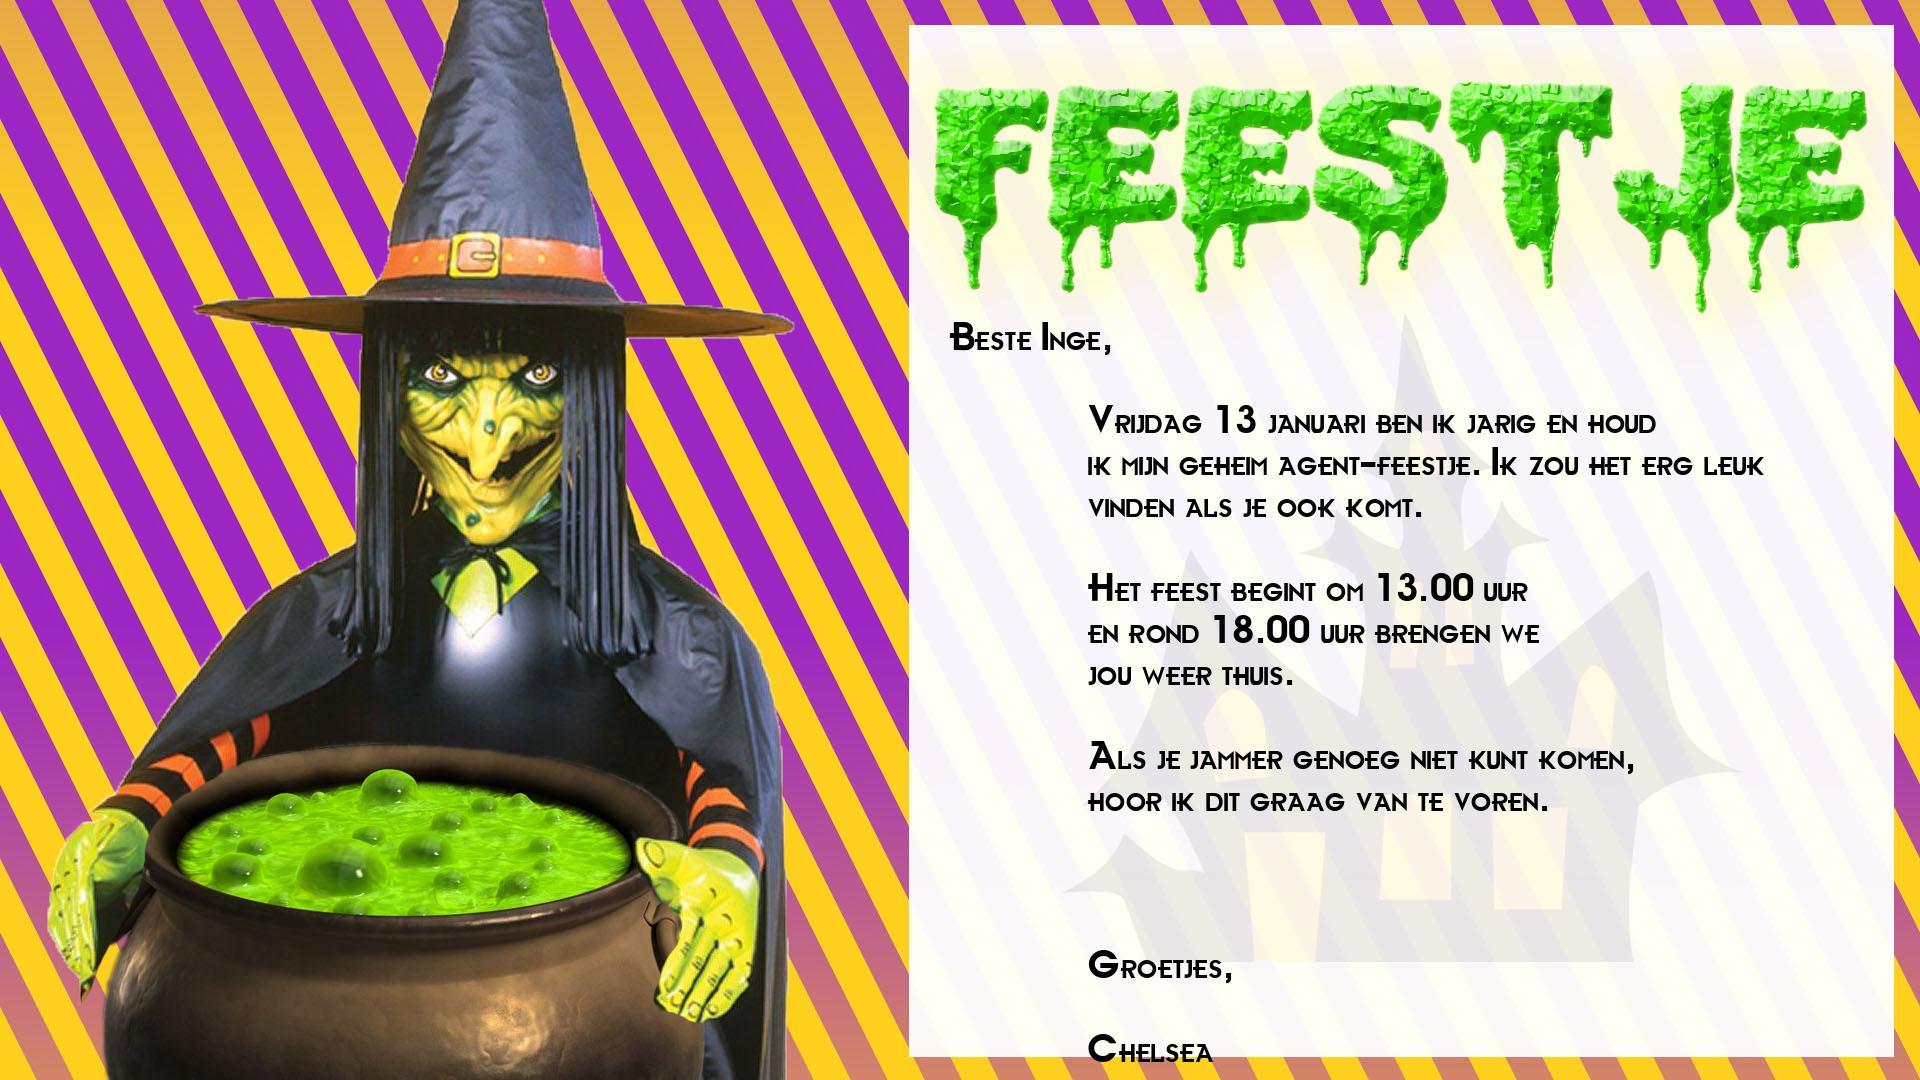 Heksen Feestje2 Kinderfeestje Thuis